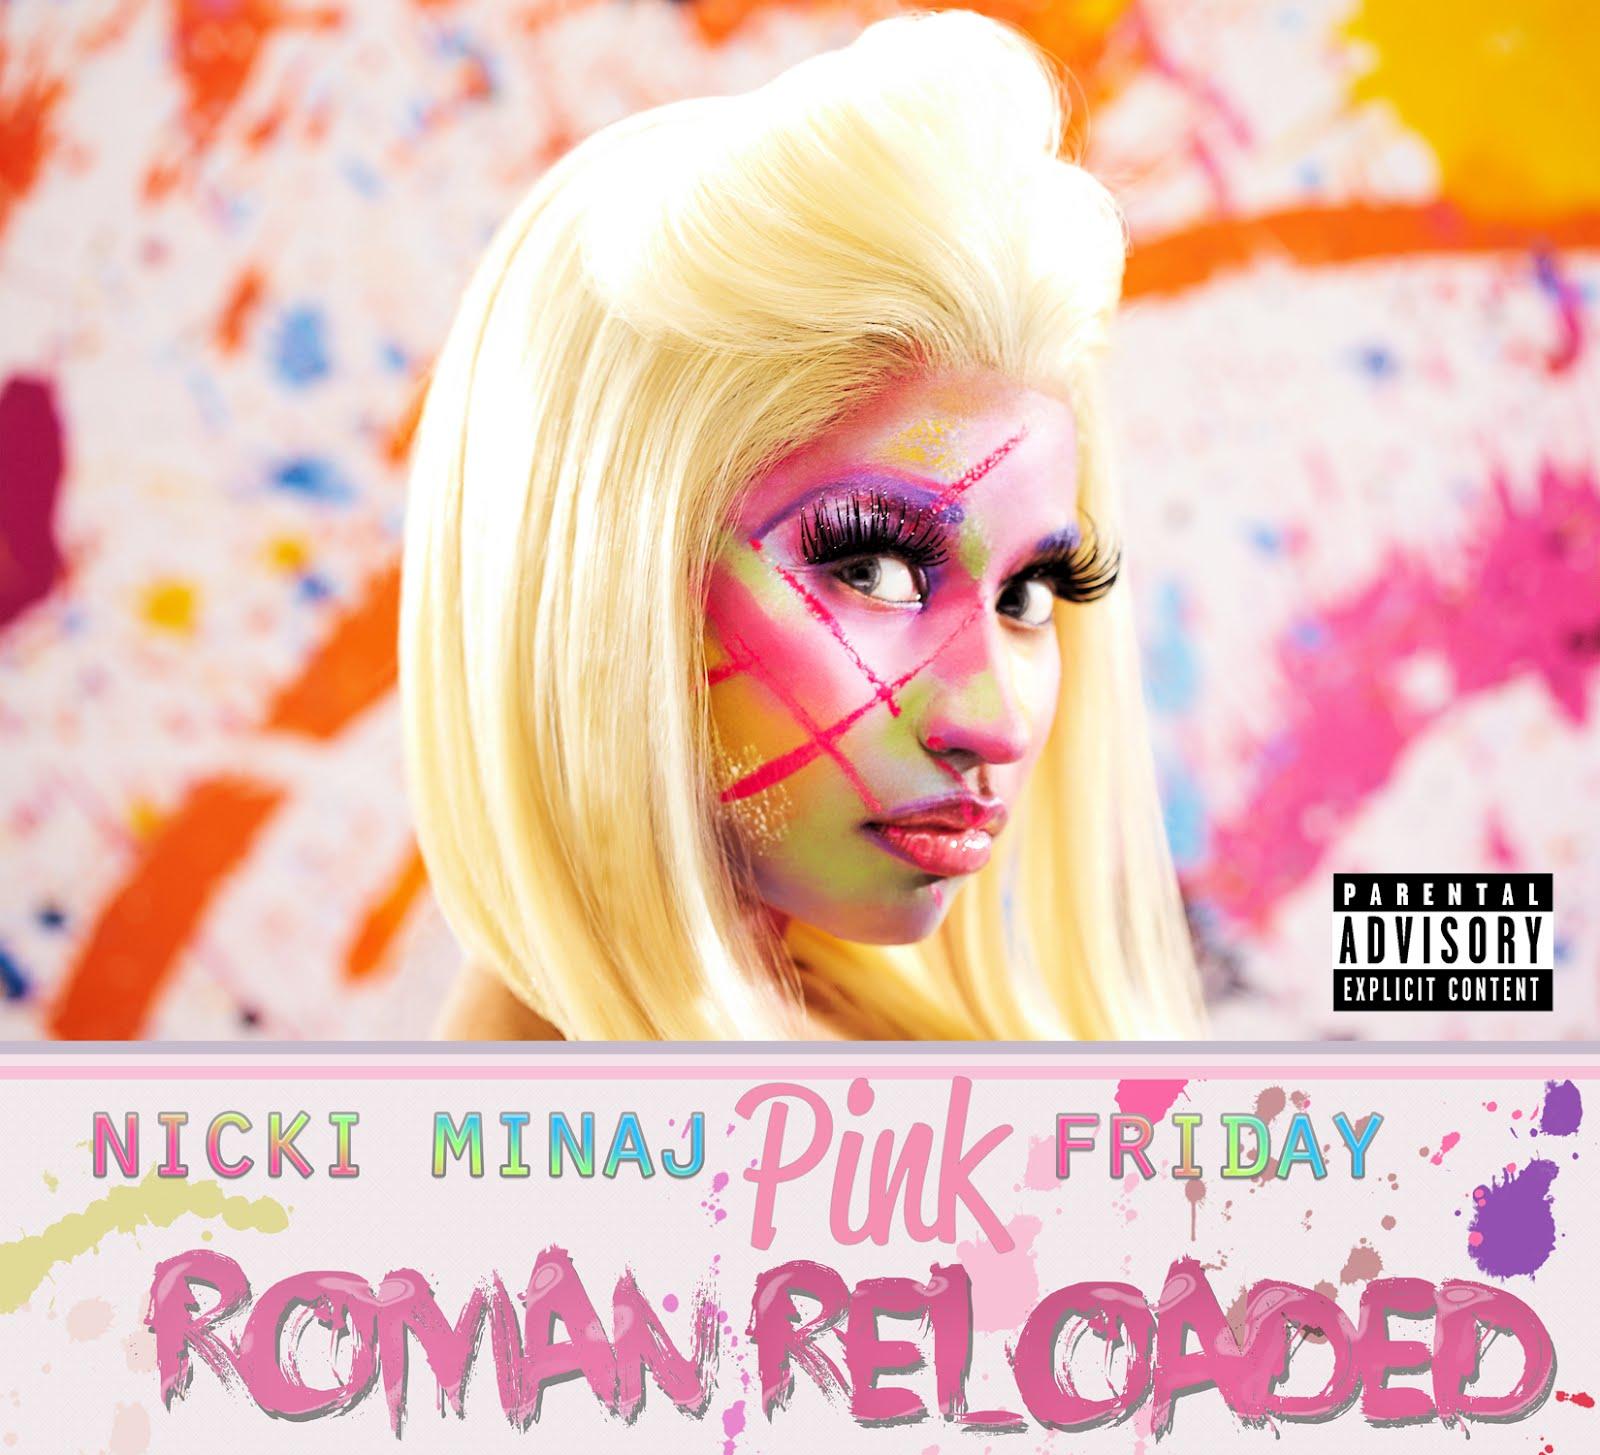 http://3.bp.blogspot.com/-TqzKWGQ7bik/T3OmFc24ppI/AAAAAAAAASA/aFzFdsCXw-c/s1600/Nicki_Minaj_Pink_Friday_Roman_Reloaded_2_EX_1_.jpeg